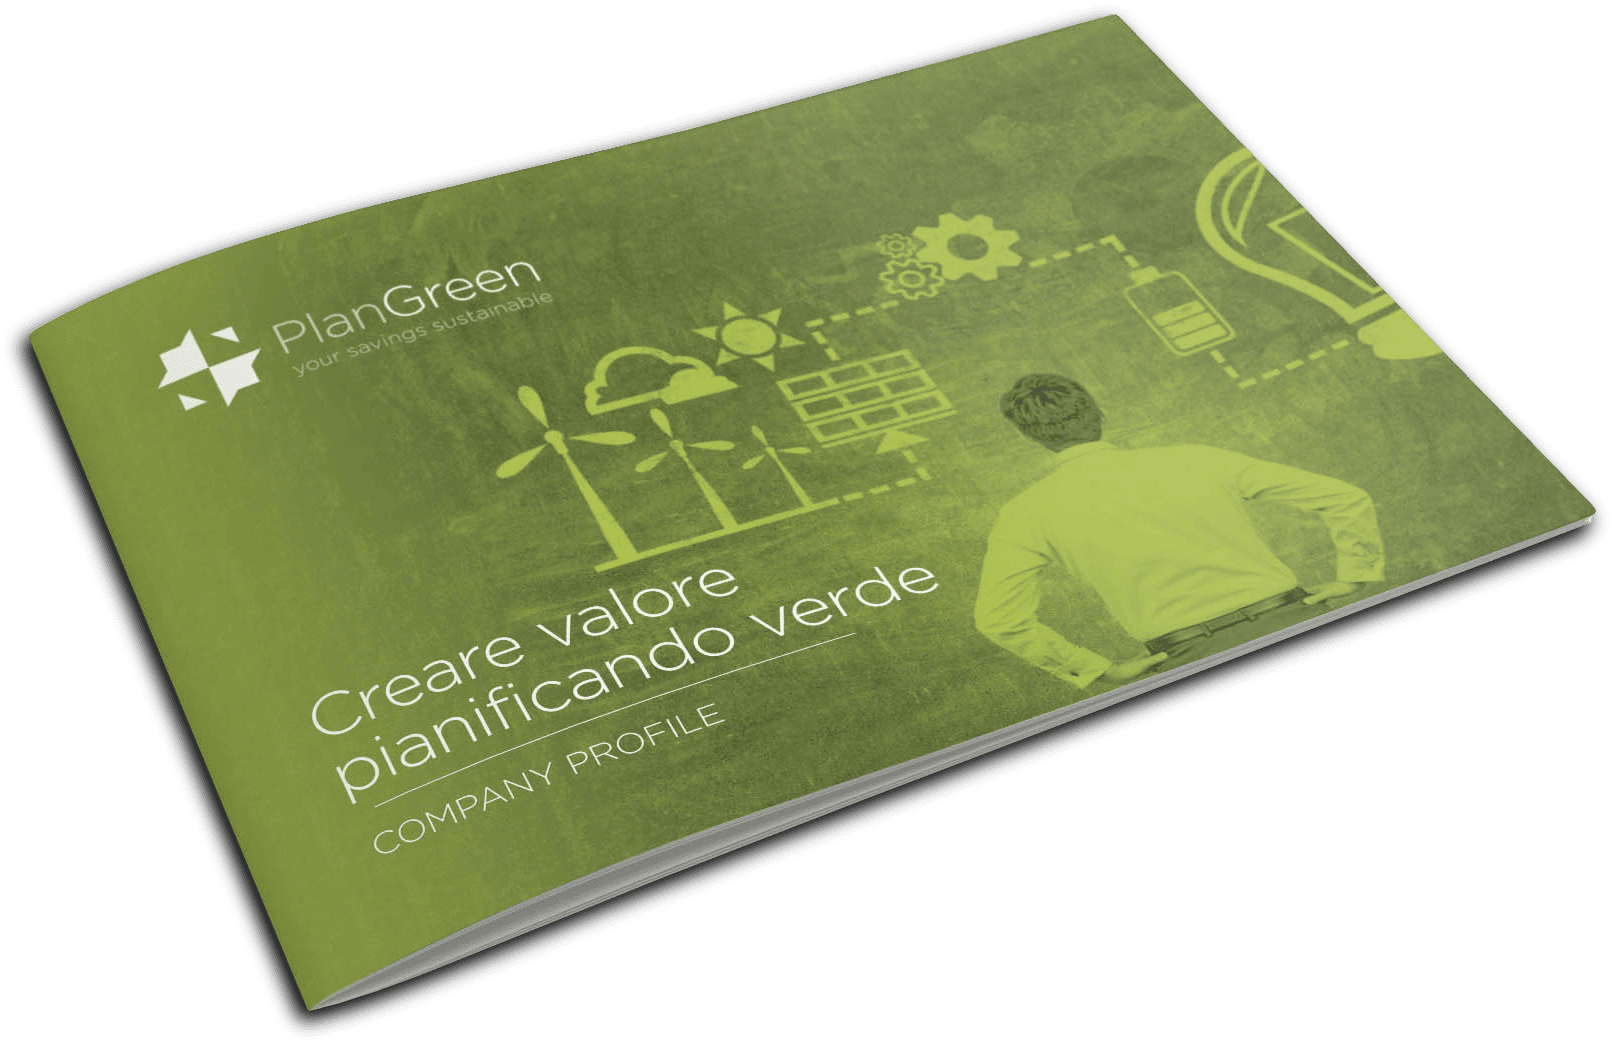 PlanGreen - Creare valore pianificando verde